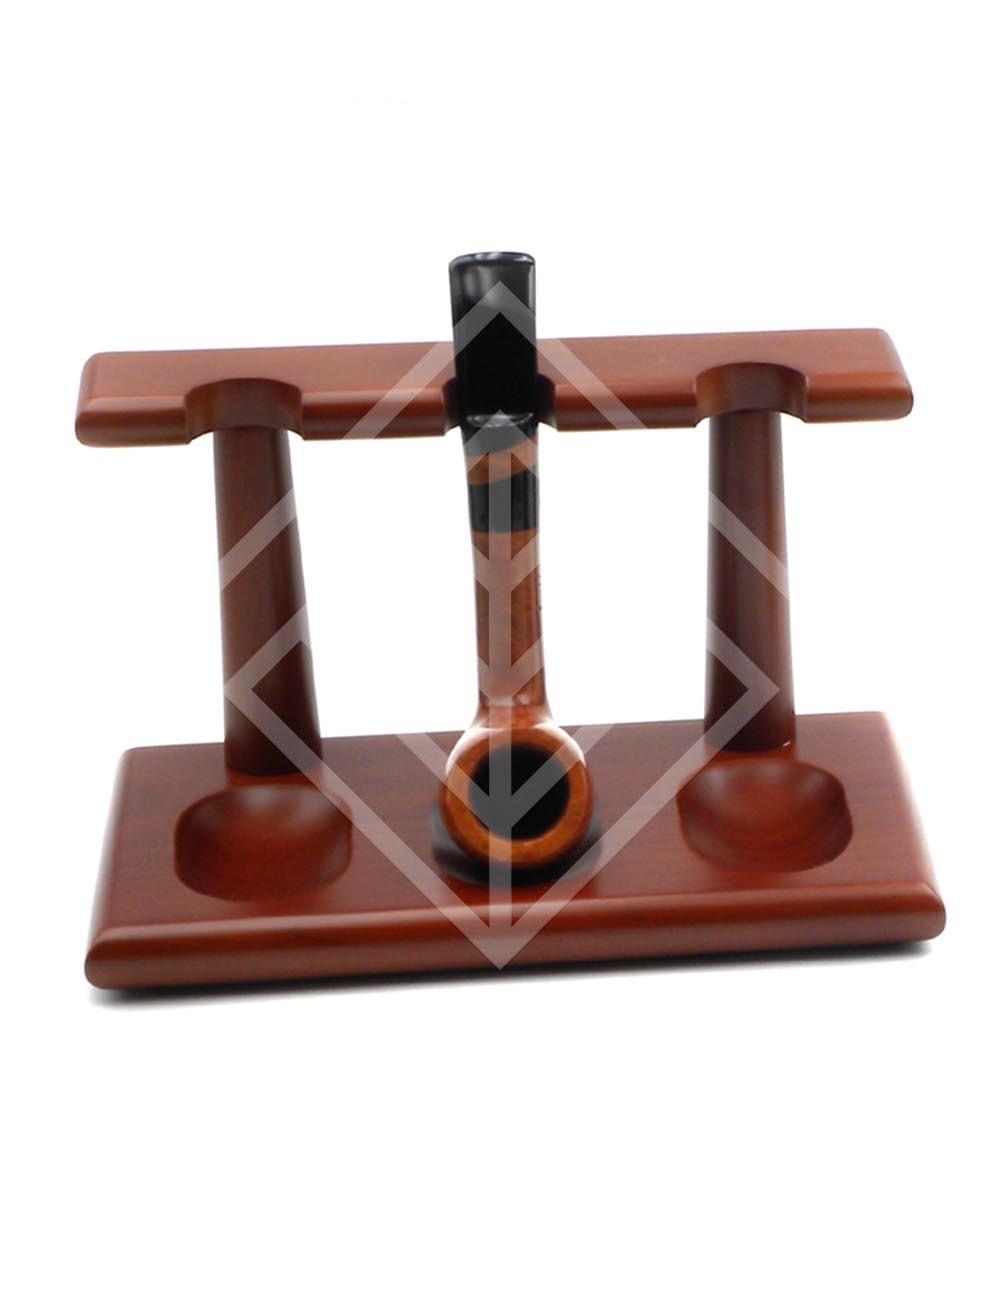 Hevea mahogany 3